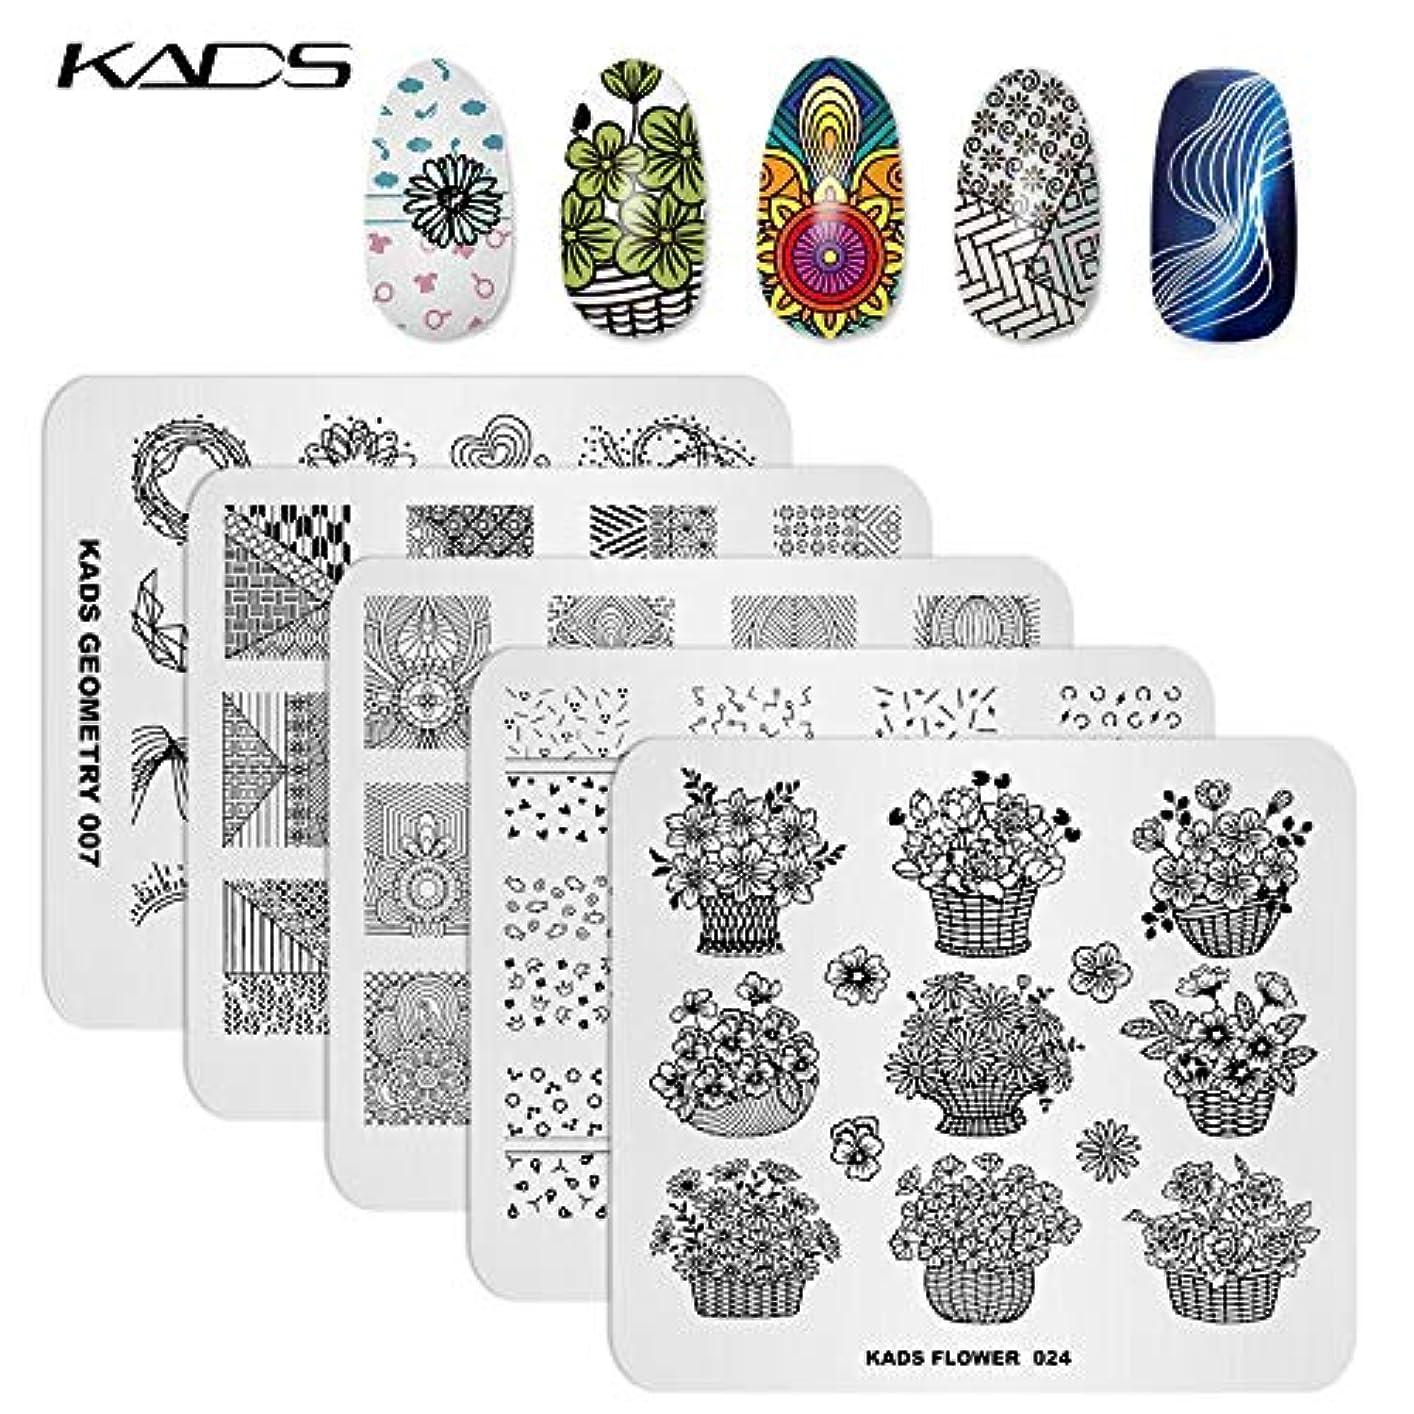 デッキ利得生じるKADS スタンピングプレート5枚セット 美しい花柄 ナチュラルタイプ ネイルステンシル ネイルアートツール ネイルデザイン用品 (セット3)